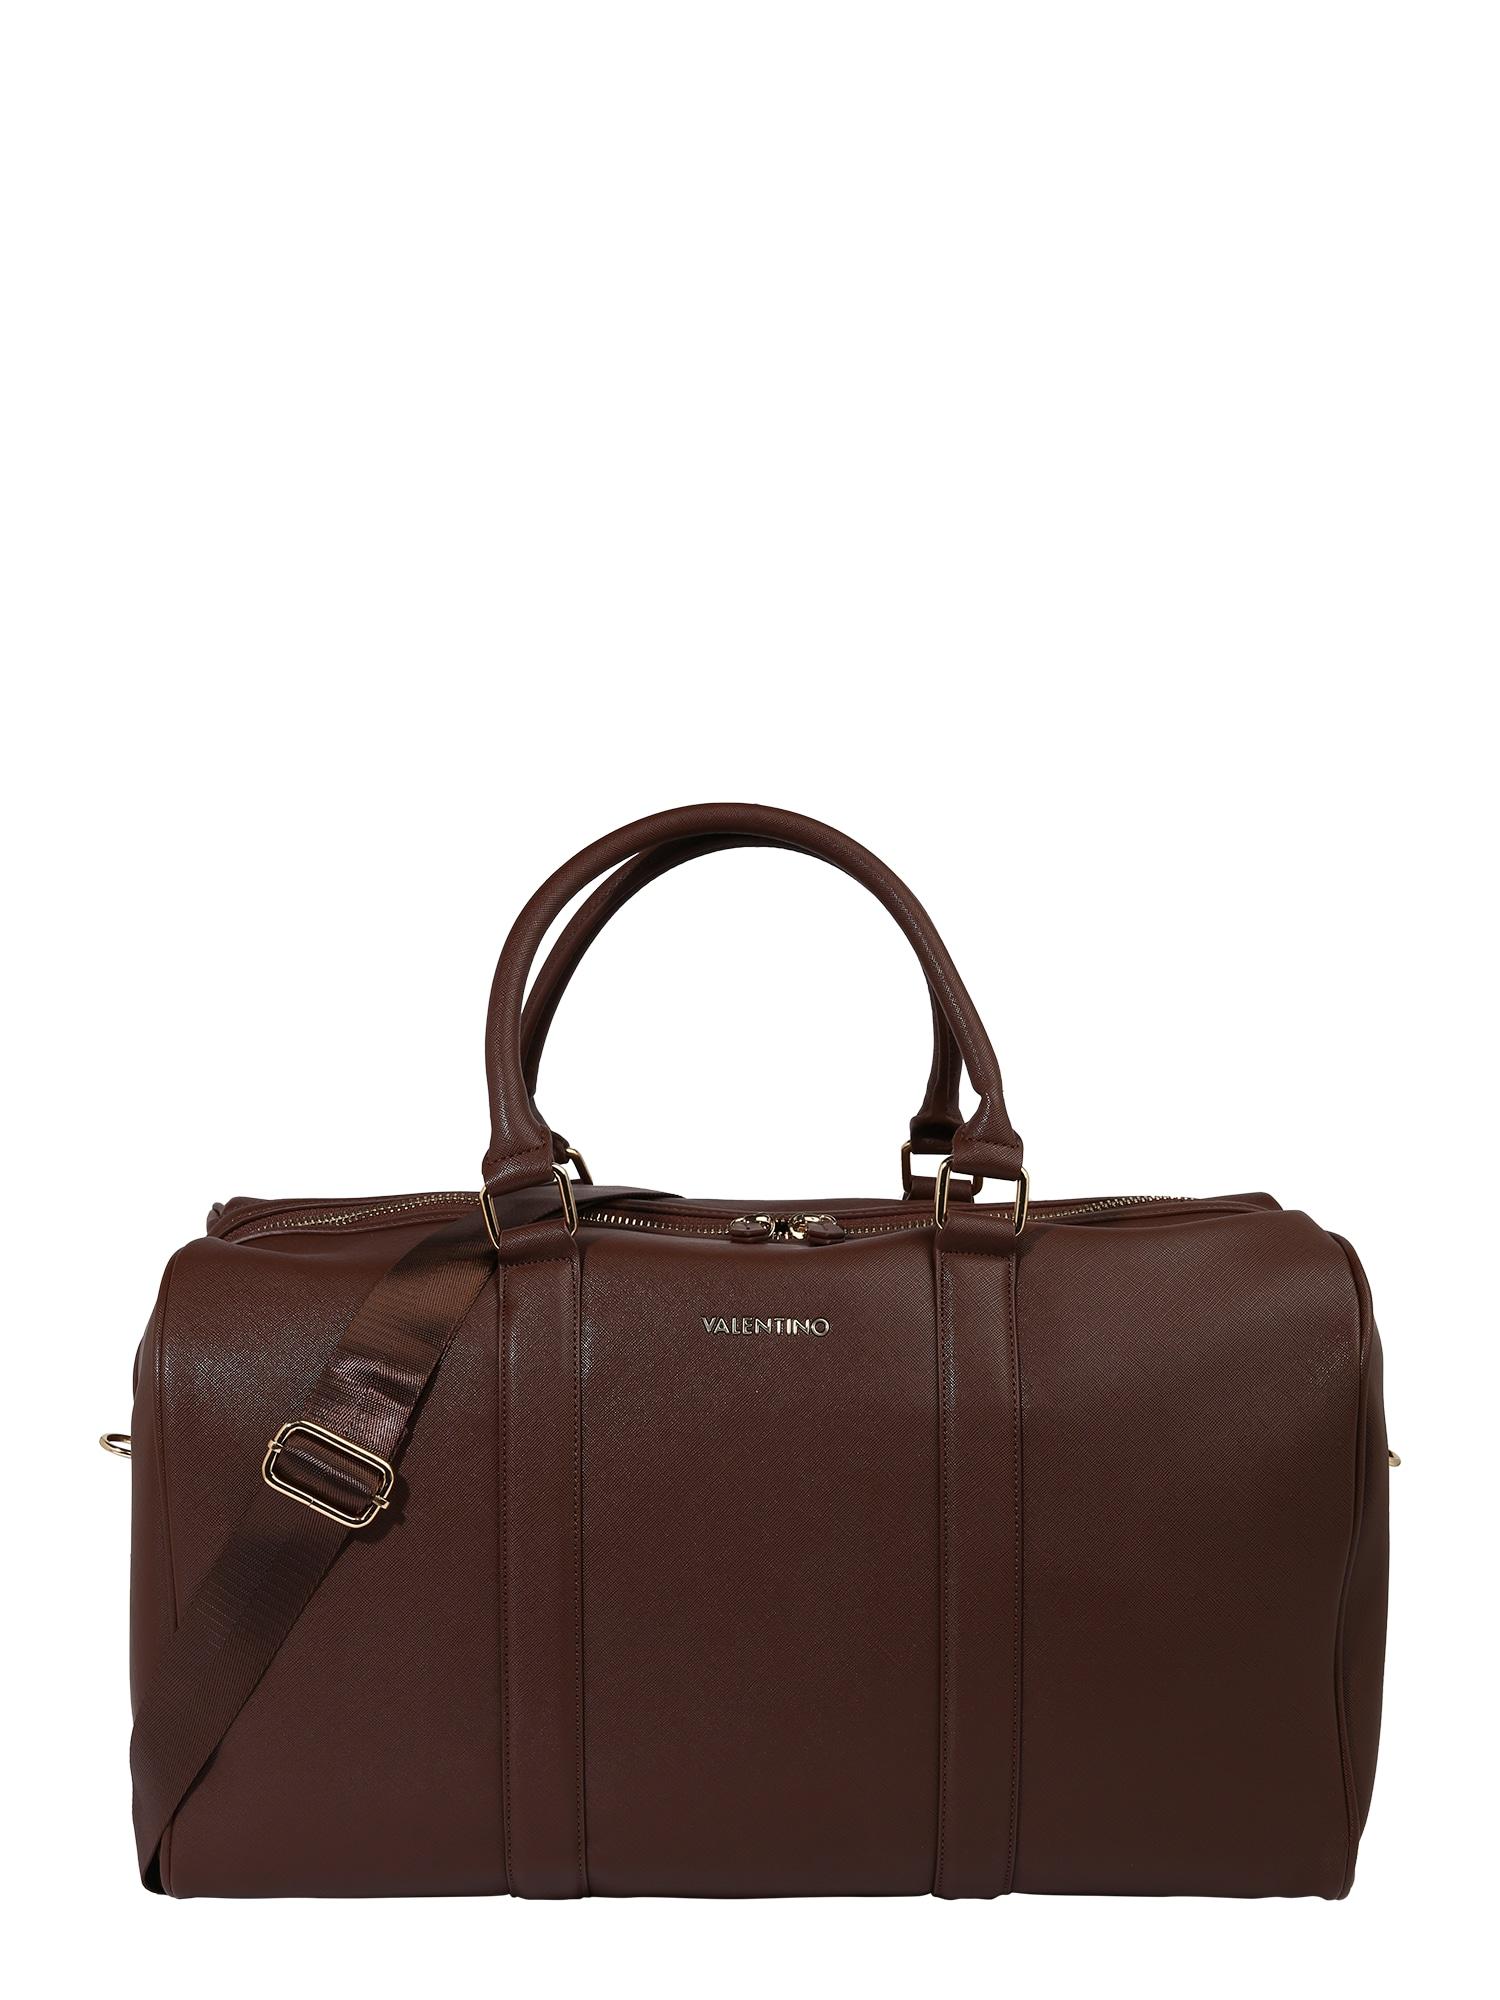 Valentino Bags Kelioninis krepšys